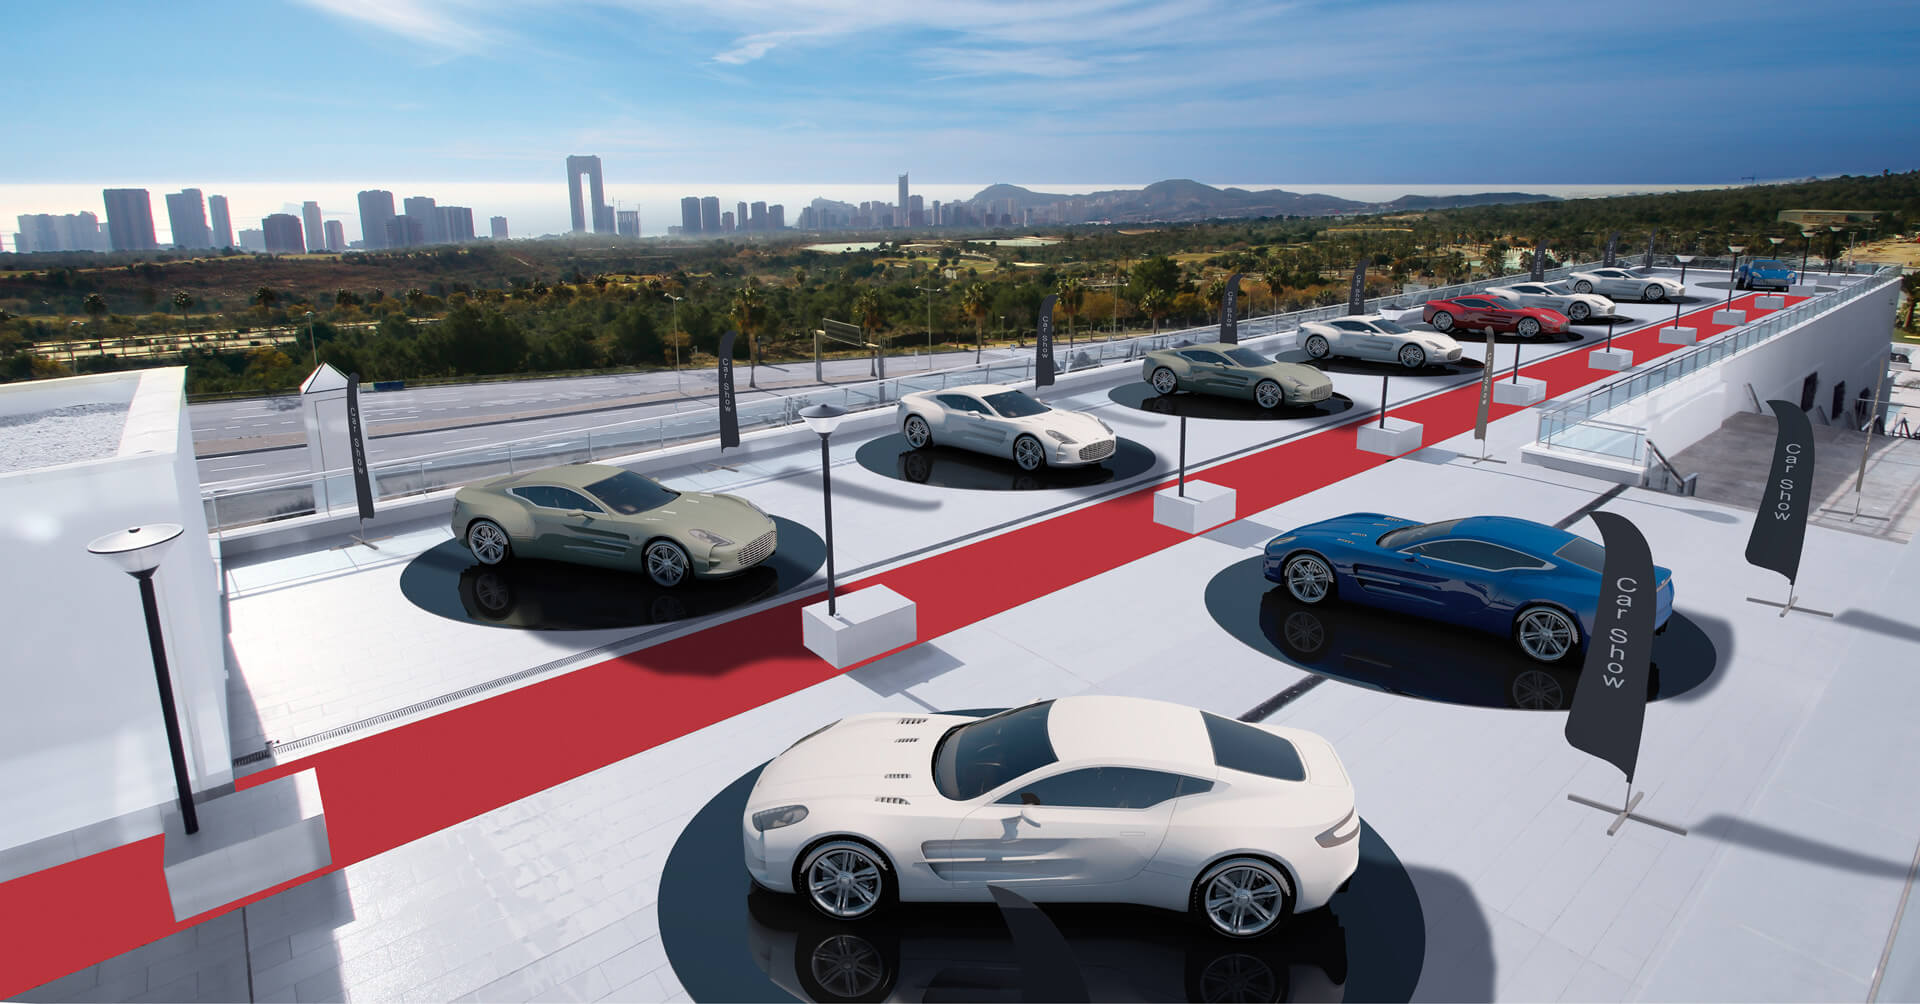 Presentación de automóviles en Grand Luxor Hotels